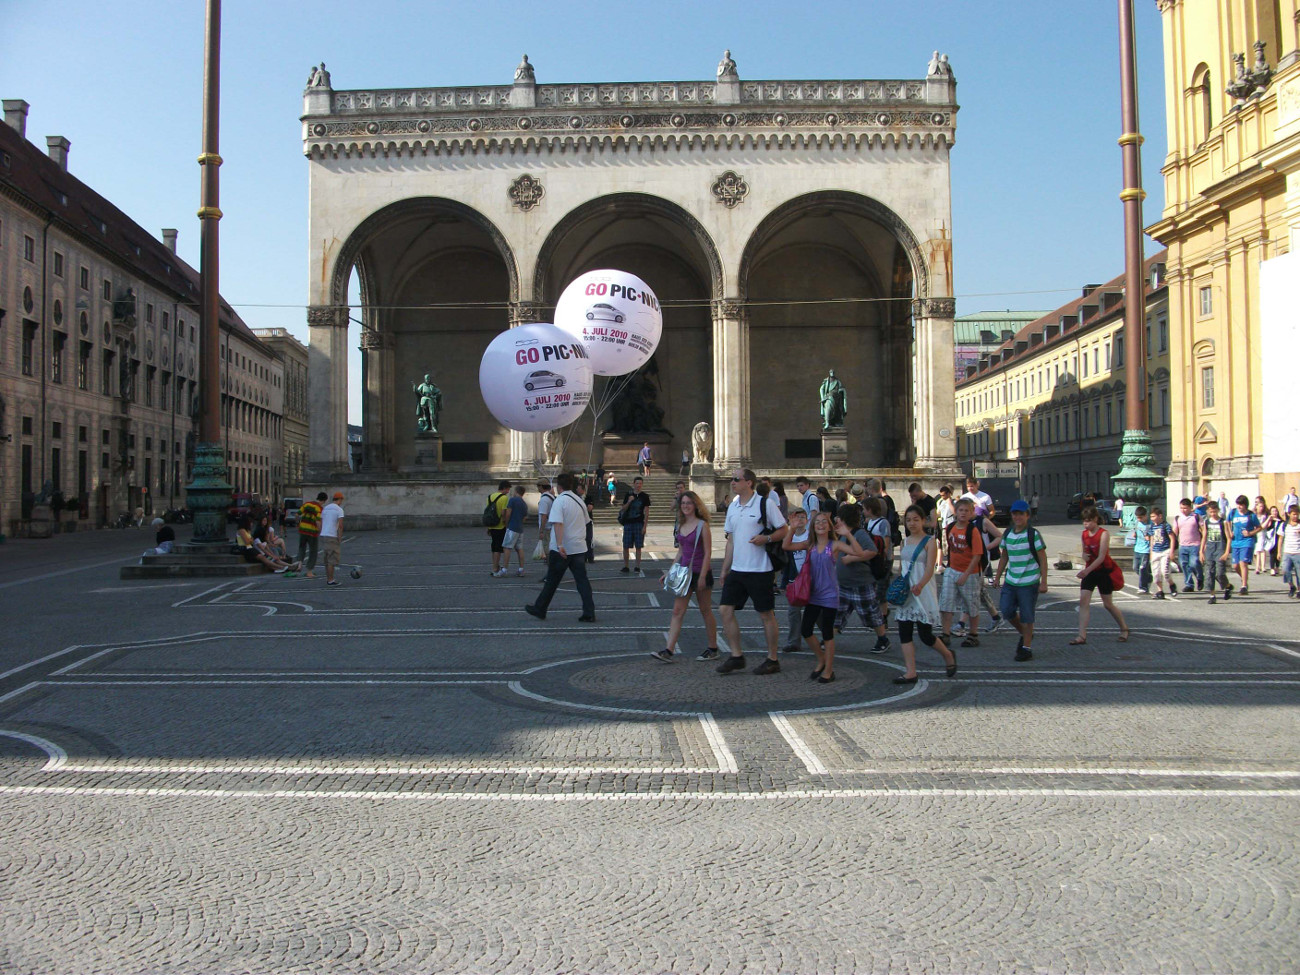 Heliumballon-Werbung - Airball-Promotion an öffentlichem Platz mit Menschenmenge